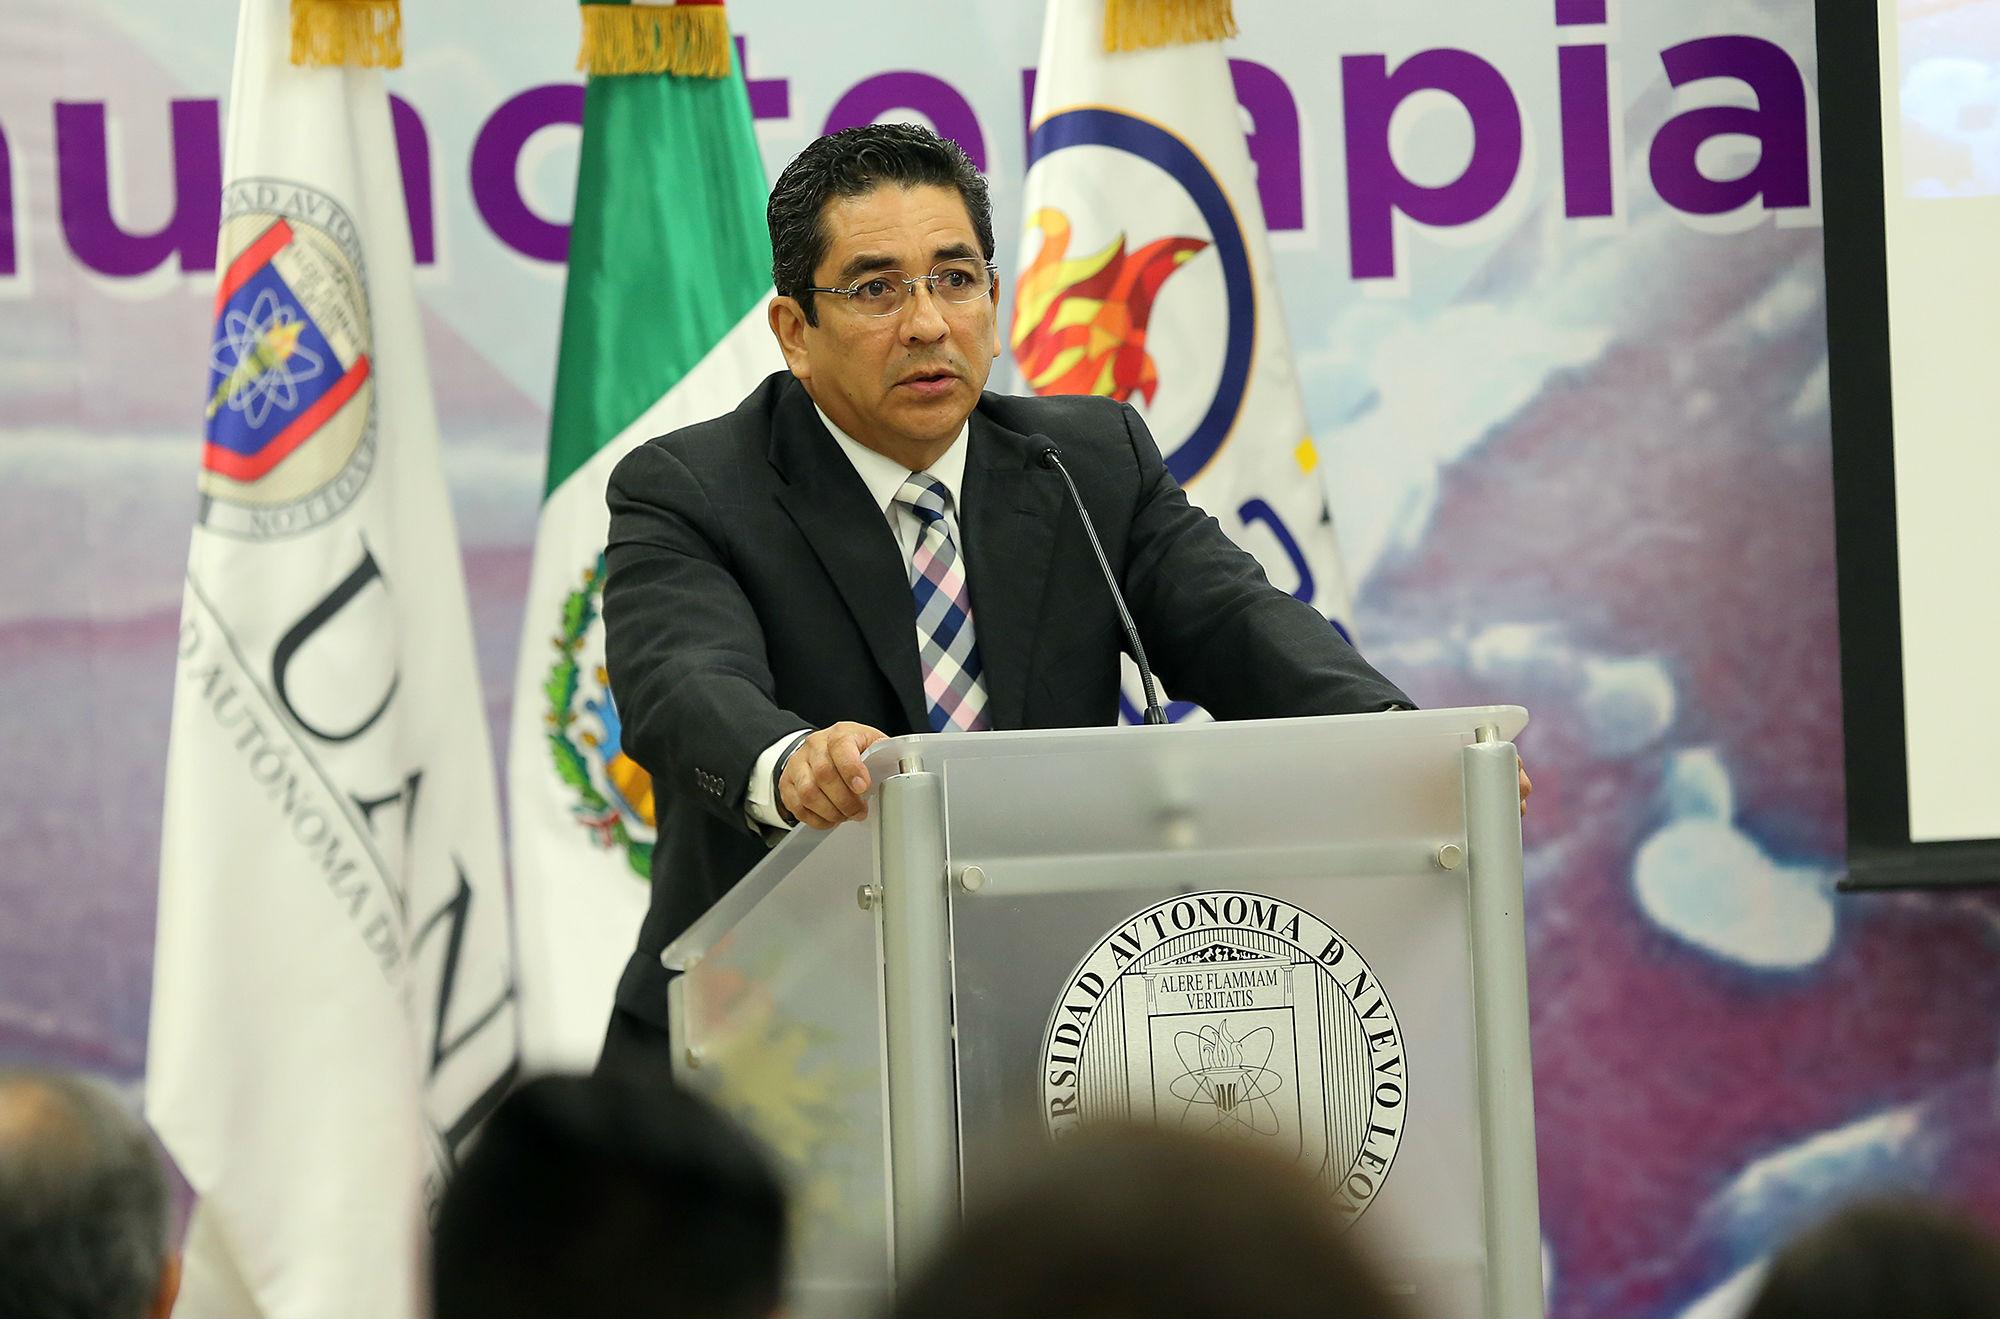 Mensaje del director de la Facultad de Ciencias Biológicas, Dr. Antonio Guzmán Velasco